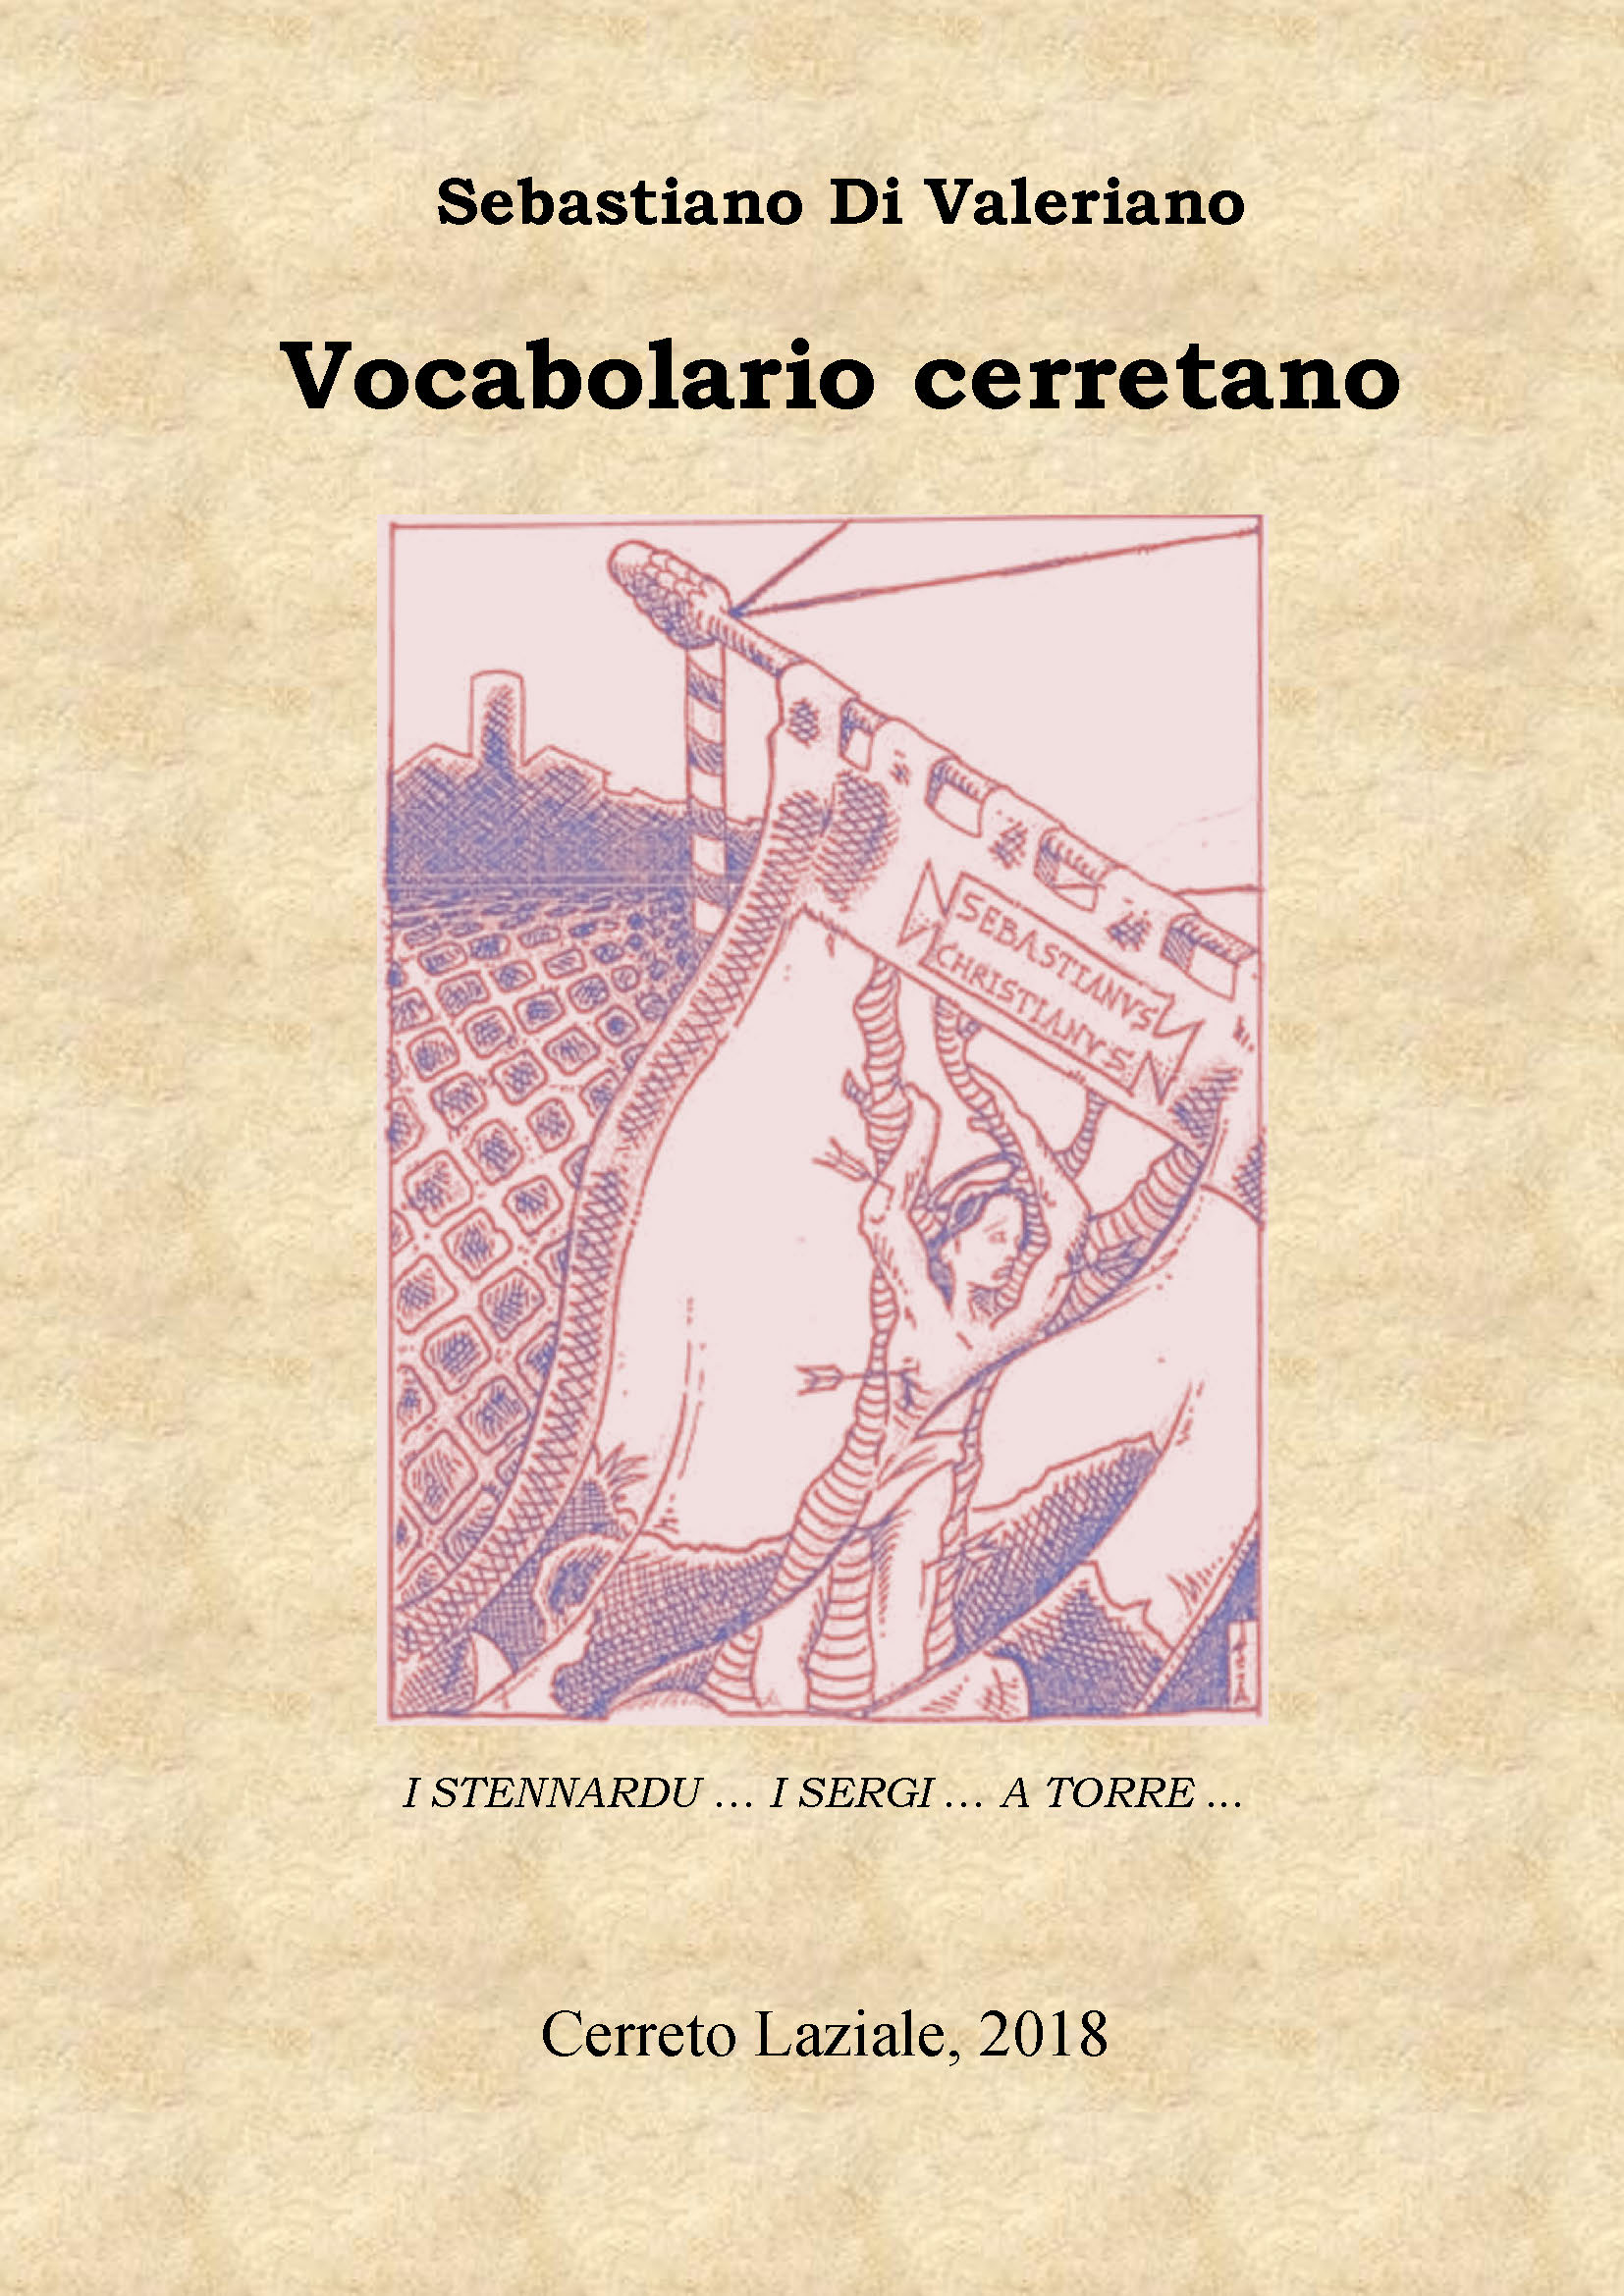 Copertina_Vocabolario_cerretano_2018